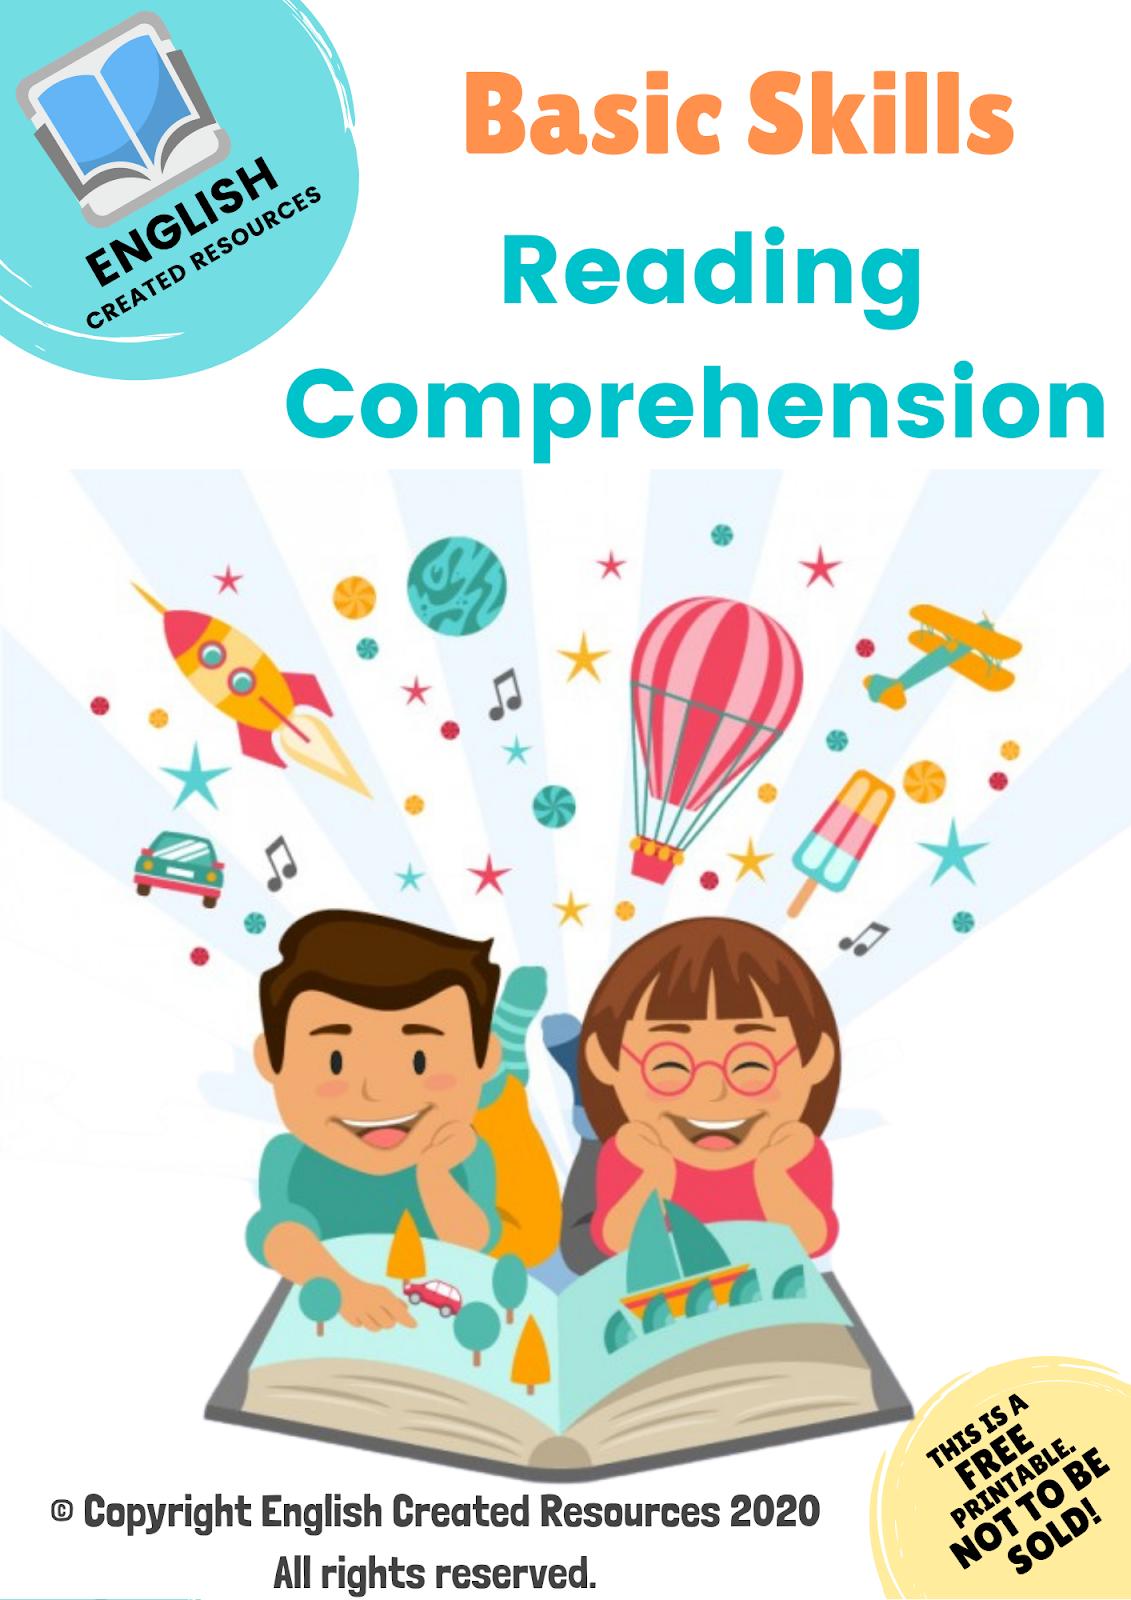 Basic Skills Reading Comprehension Worksheets